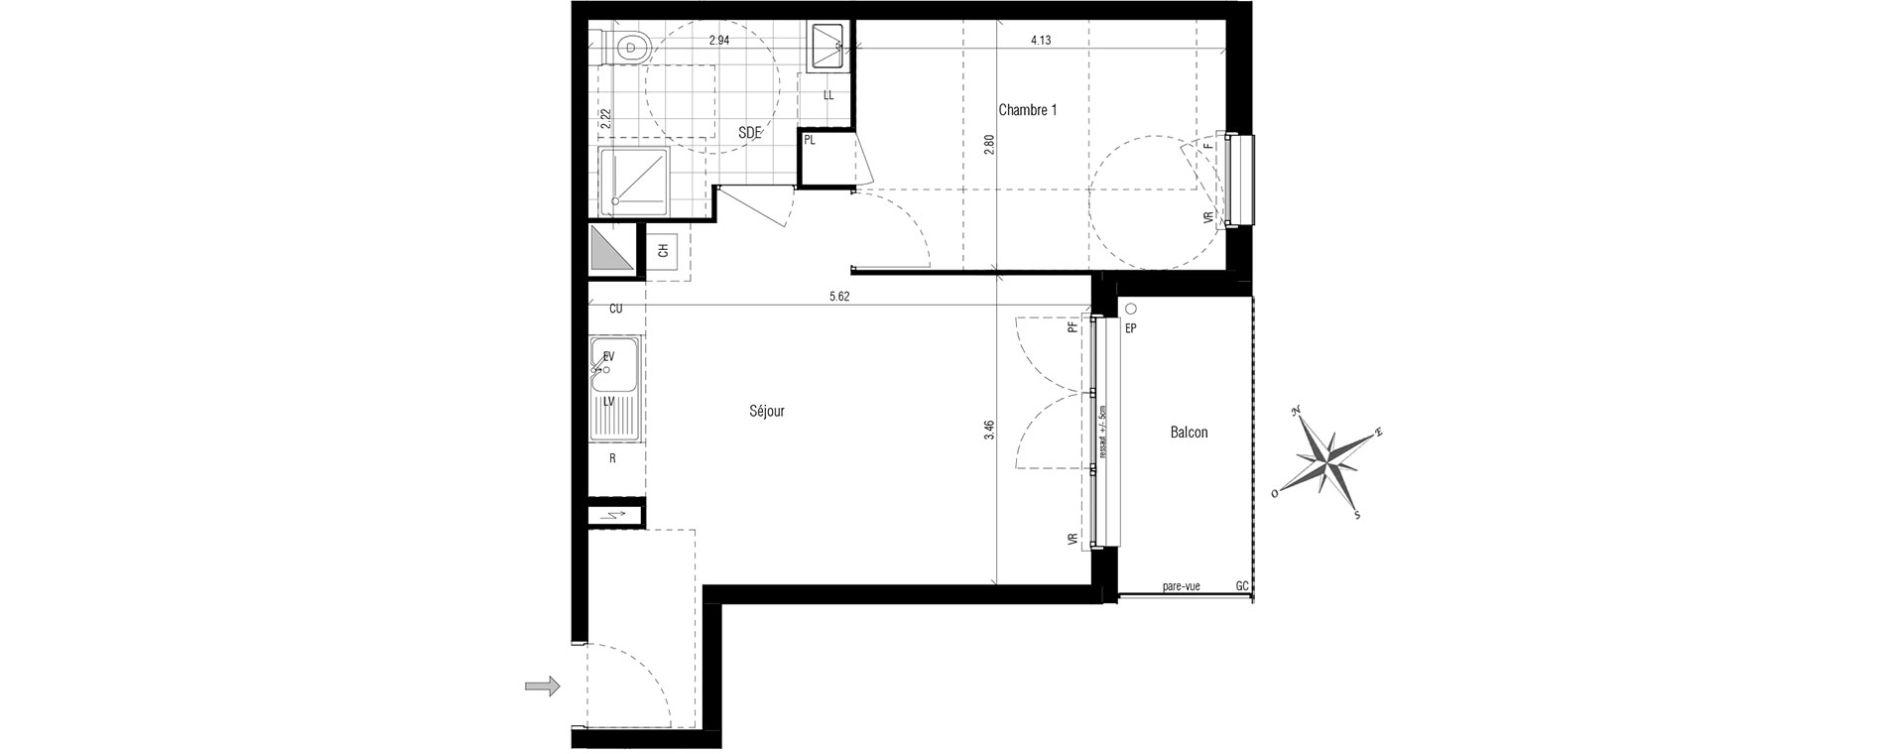 appartement t2 les pavillons sous bois n 393 e. Black Bedroom Furniture Sets. Home Design Ideas